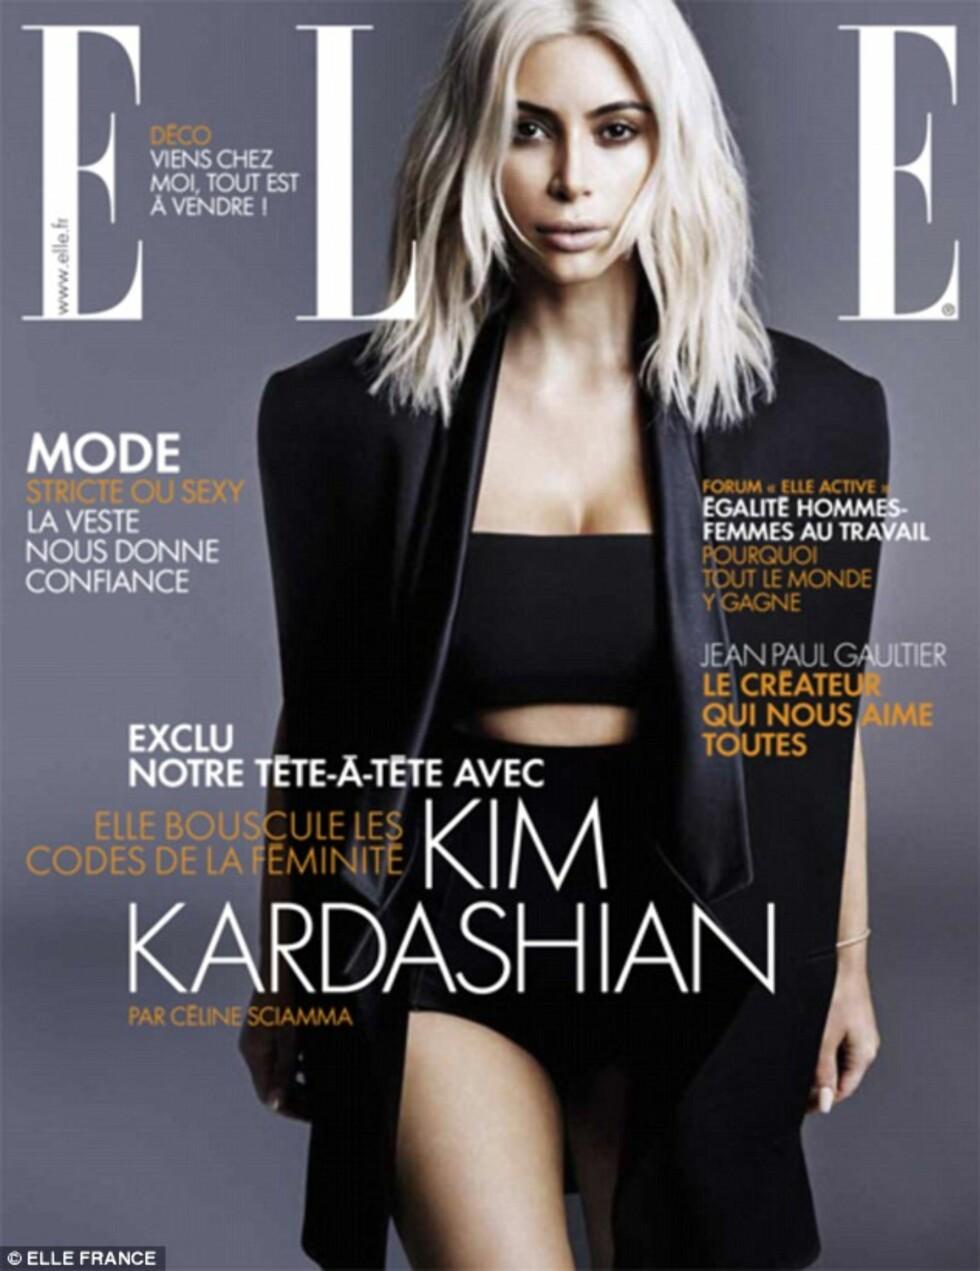 FORSIDEPIKE: I tre uker hadde Kim Kardashian den blonde hårsveisen, og rakk å posere for franske ELLE, før hun farget håret mørkt igjen. Foto: Faksimile ELLE FRANCE